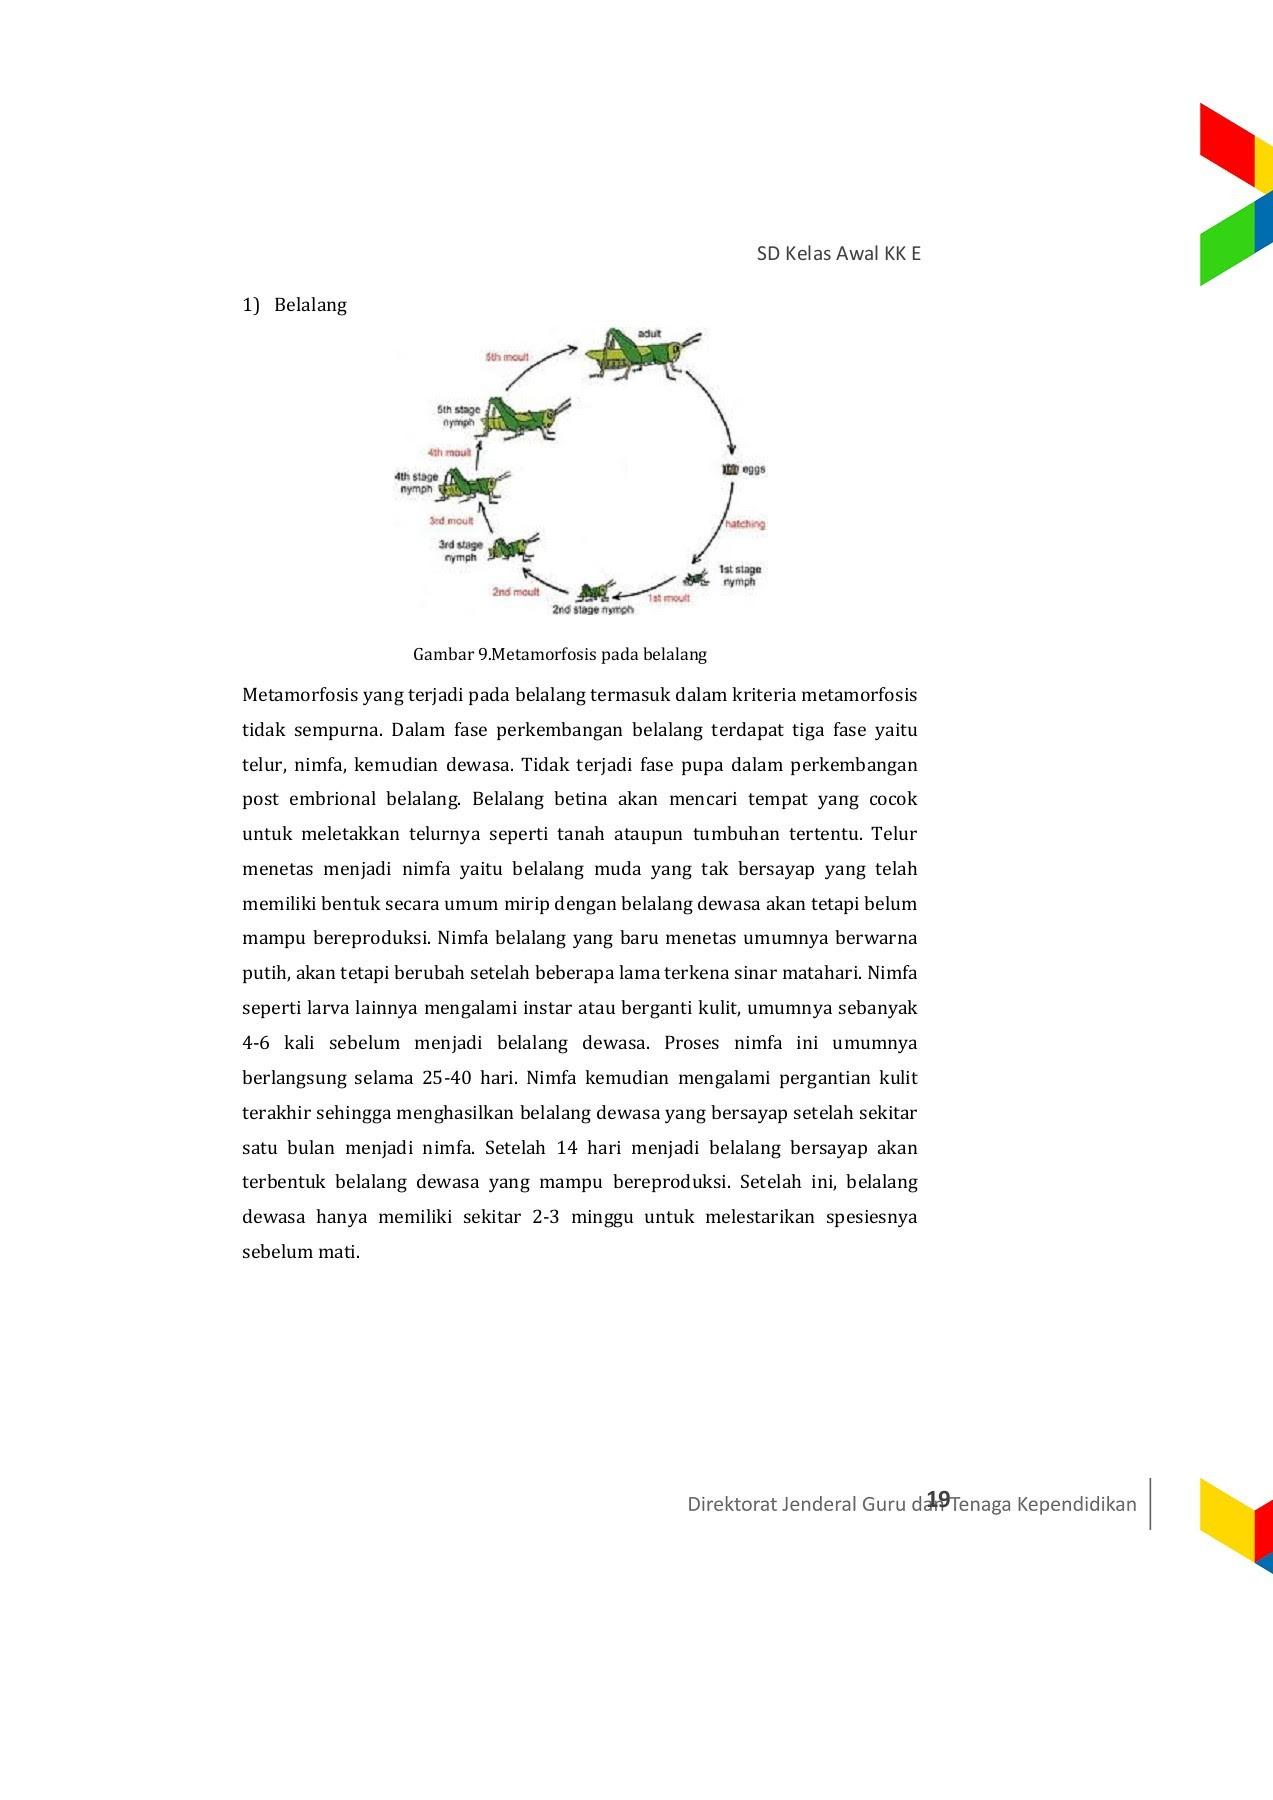 87 Koleksi Tabel 2.10 Tahapan Metamorfosis Gambar Hewan Dan Tahap Pertumbuhannya Keterangan HD Terbaru